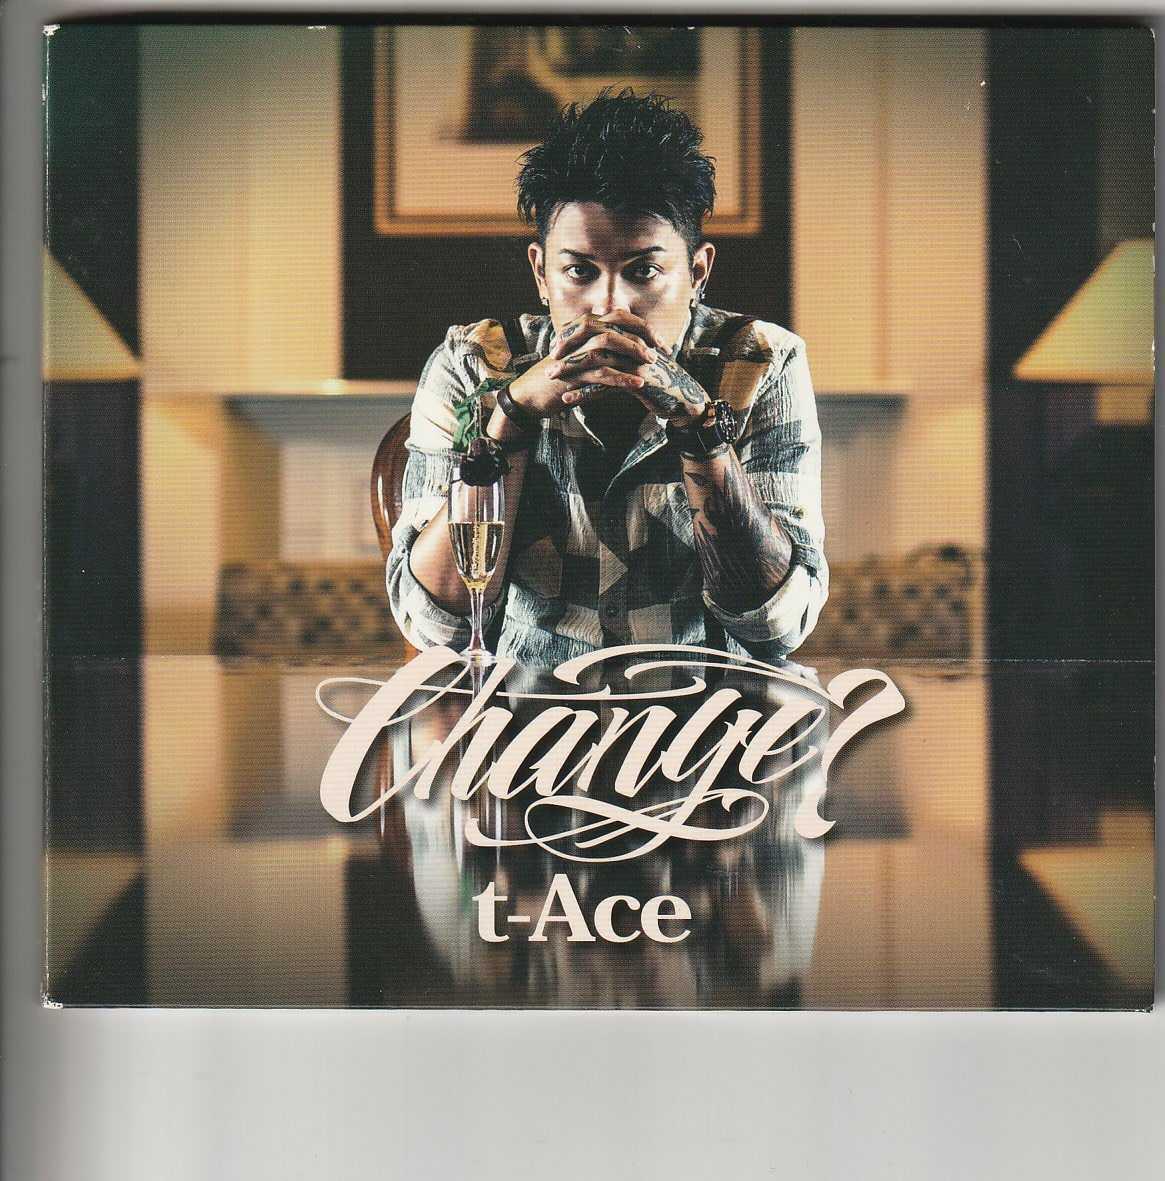 アルバム!t-Ace「Change」